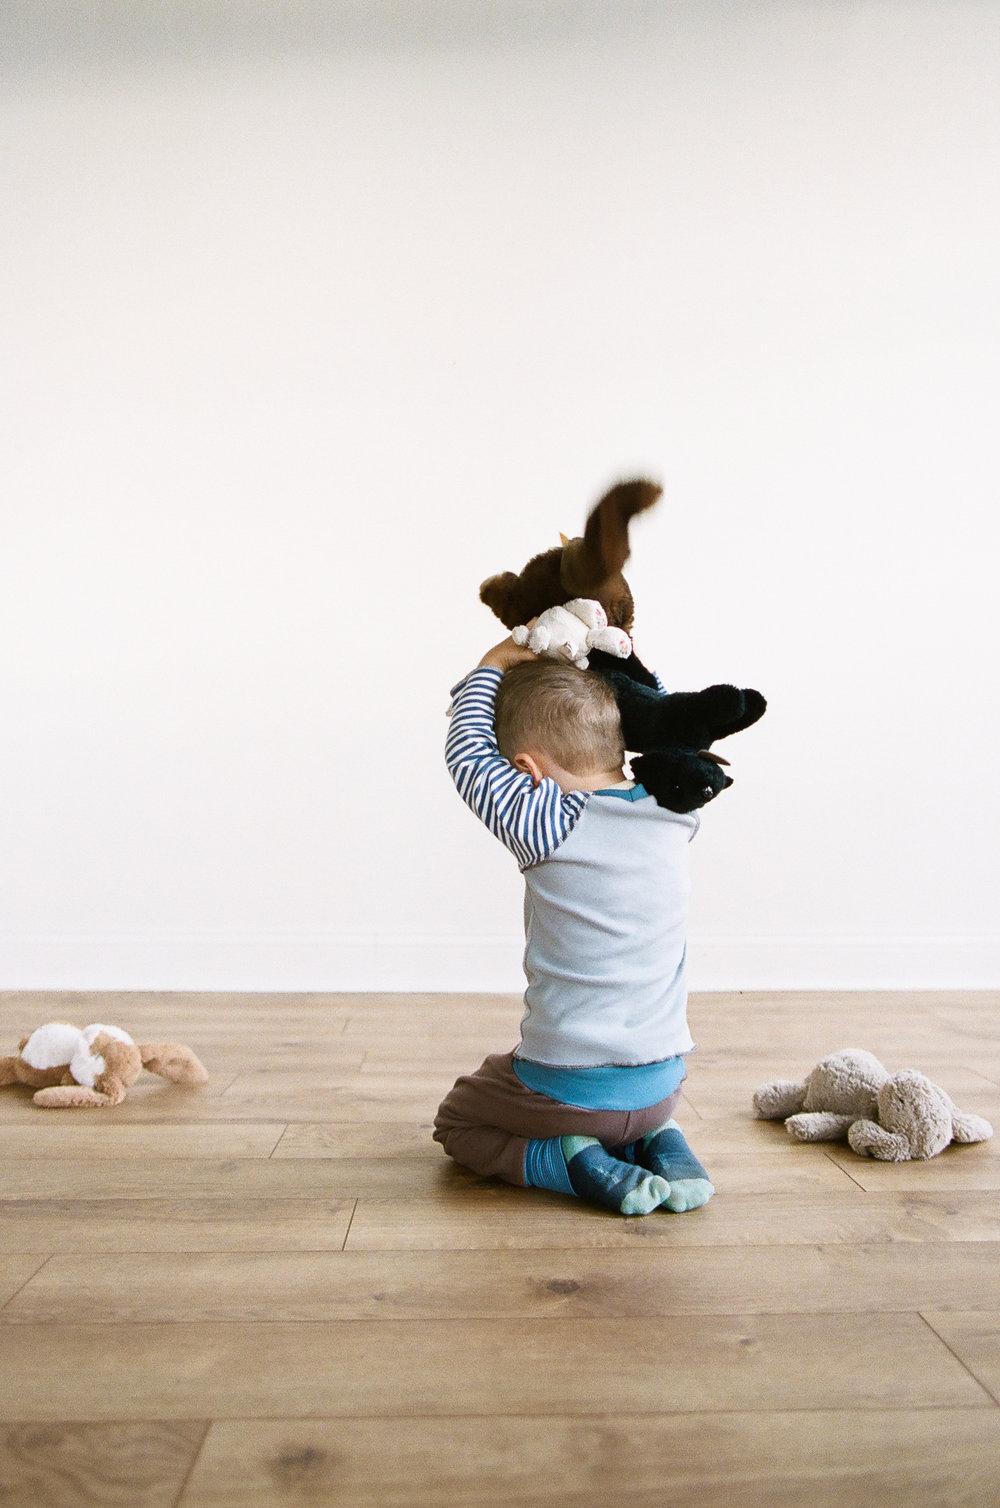 Children's Lookbook Photographer